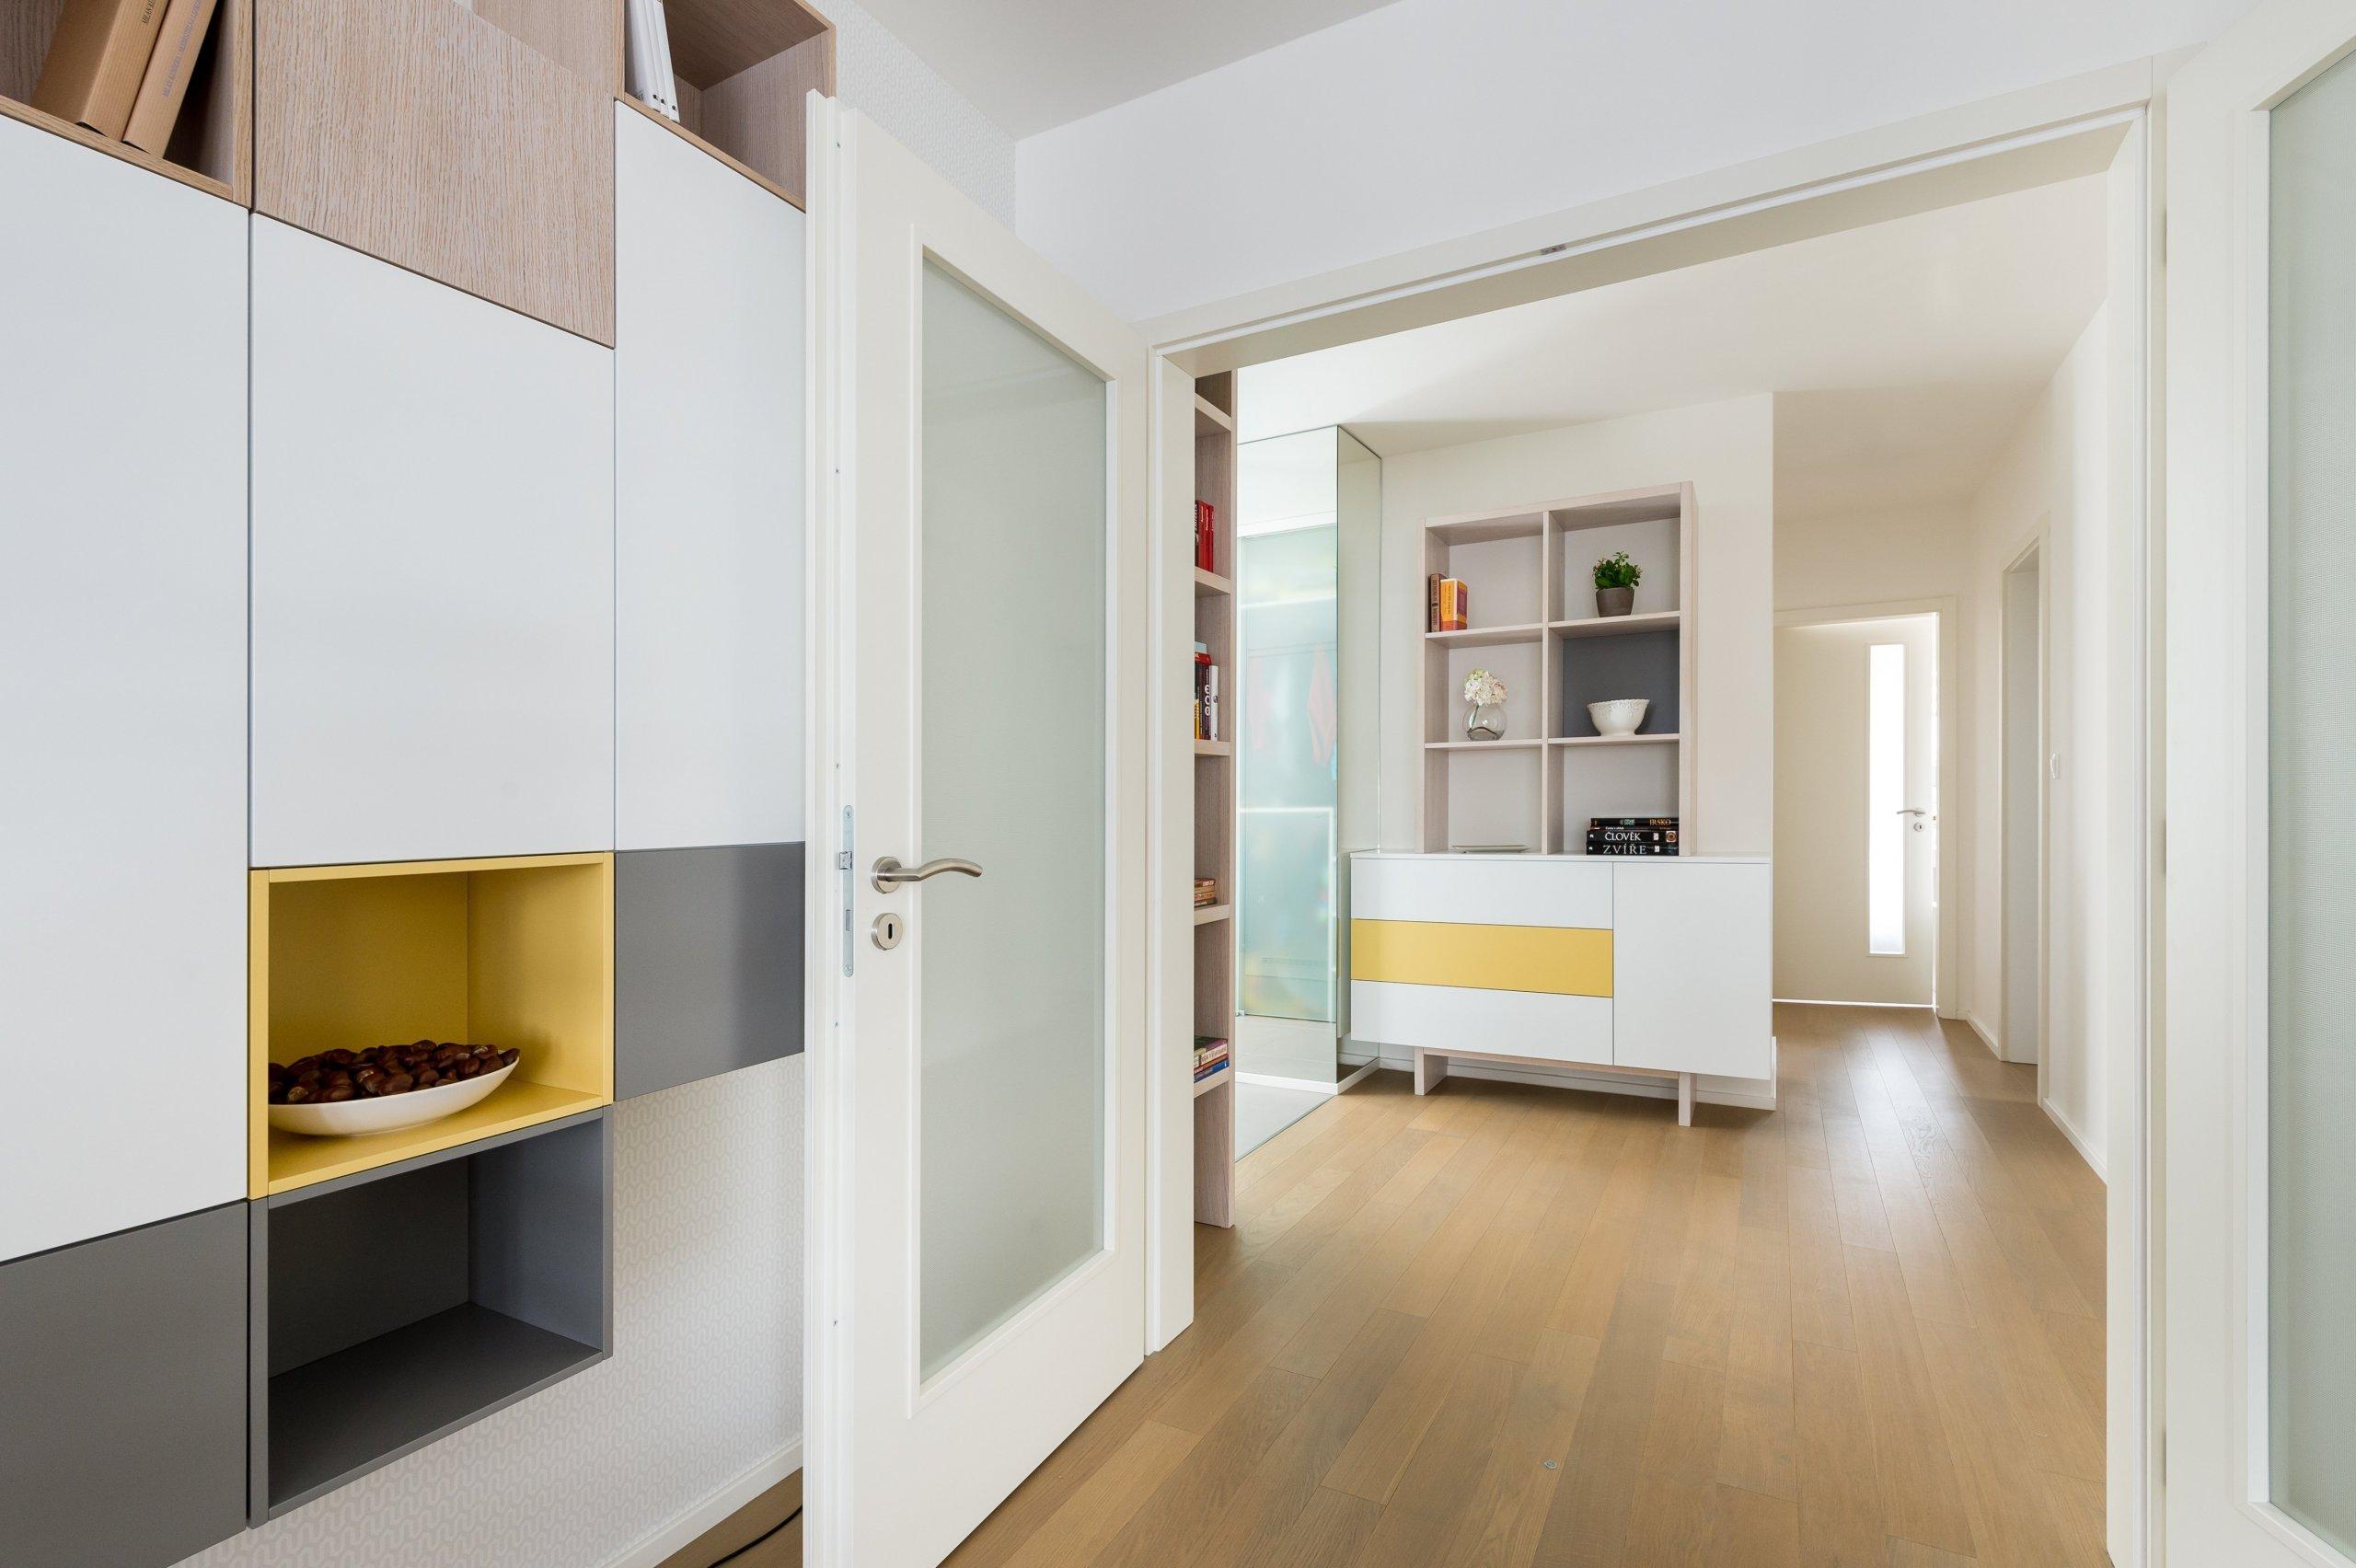 Optické zvětšení obývacího pokoje použitím stejného nábytku v předsíni